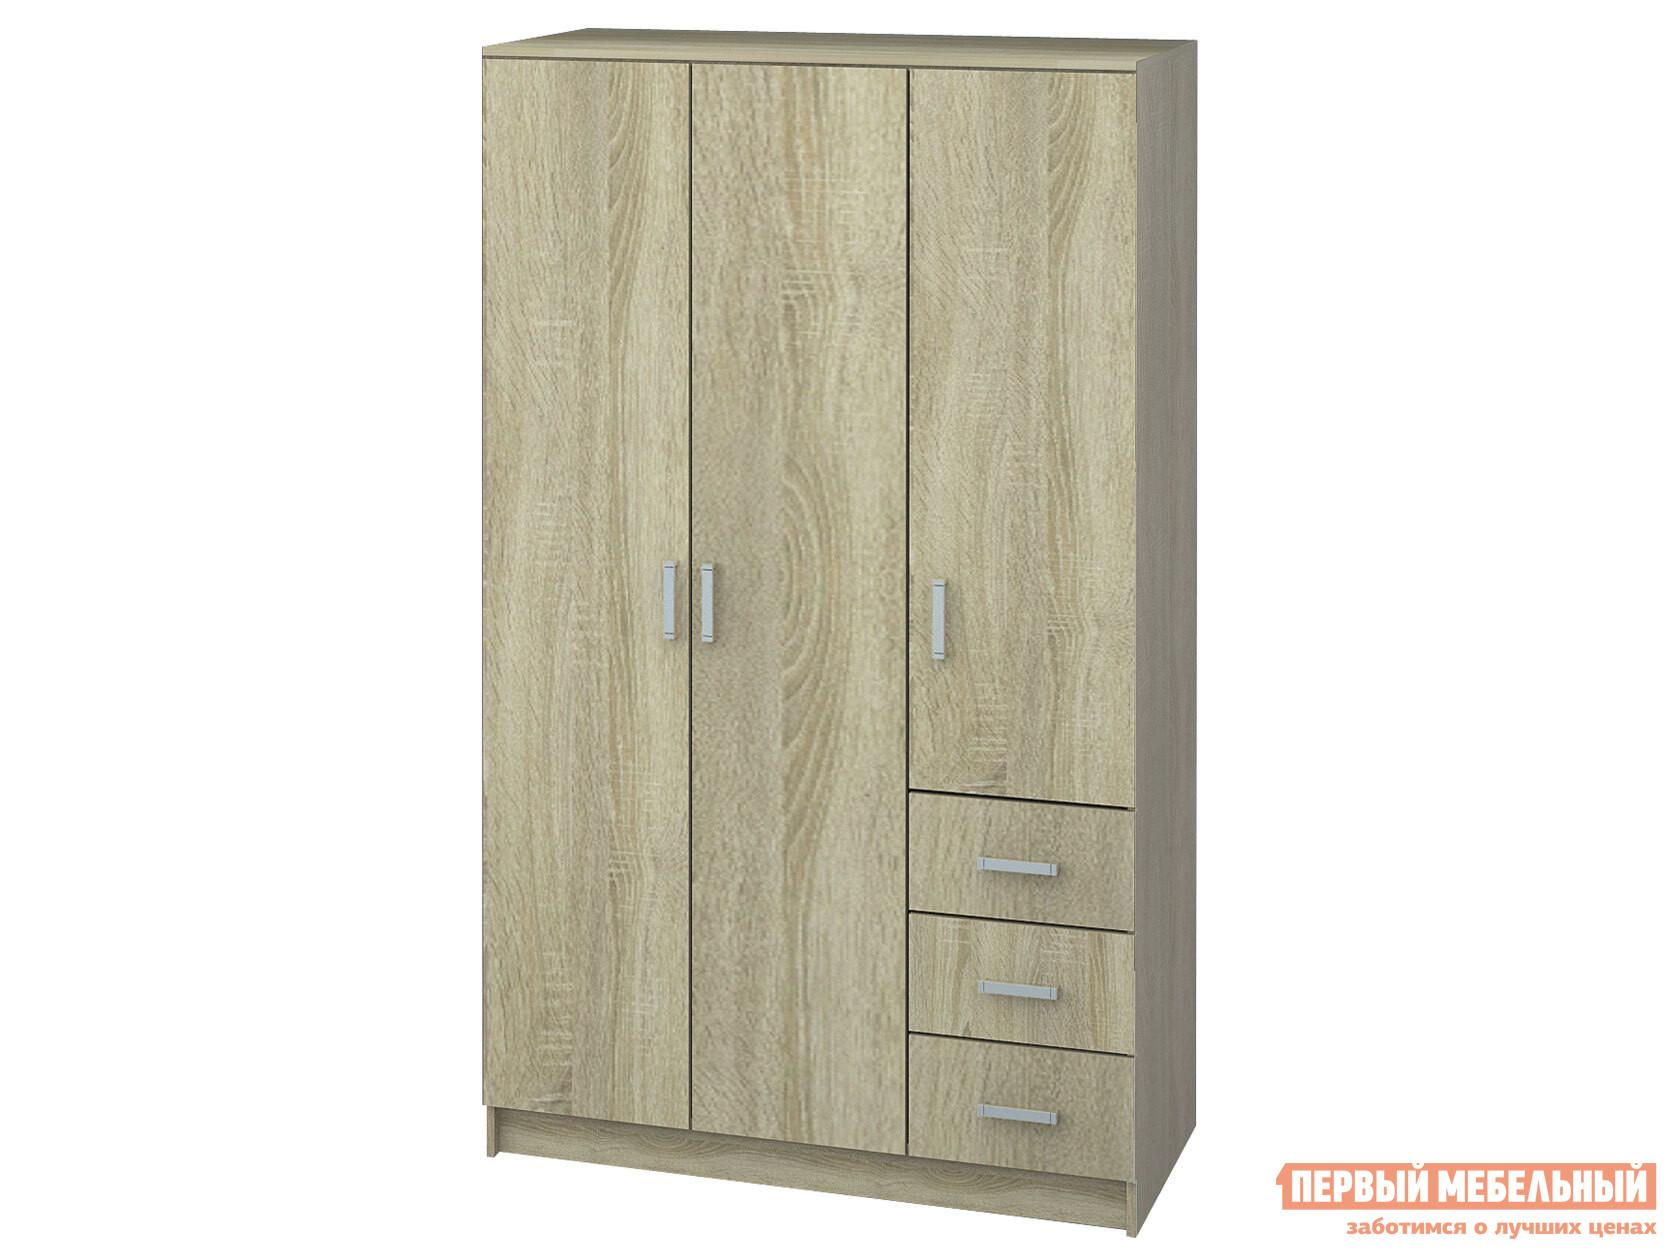 Шкаф распашной НК-Мебель Лофт шкаф 3-х дв. с ящиками шкафы 3 х дверные с ящиками лофт